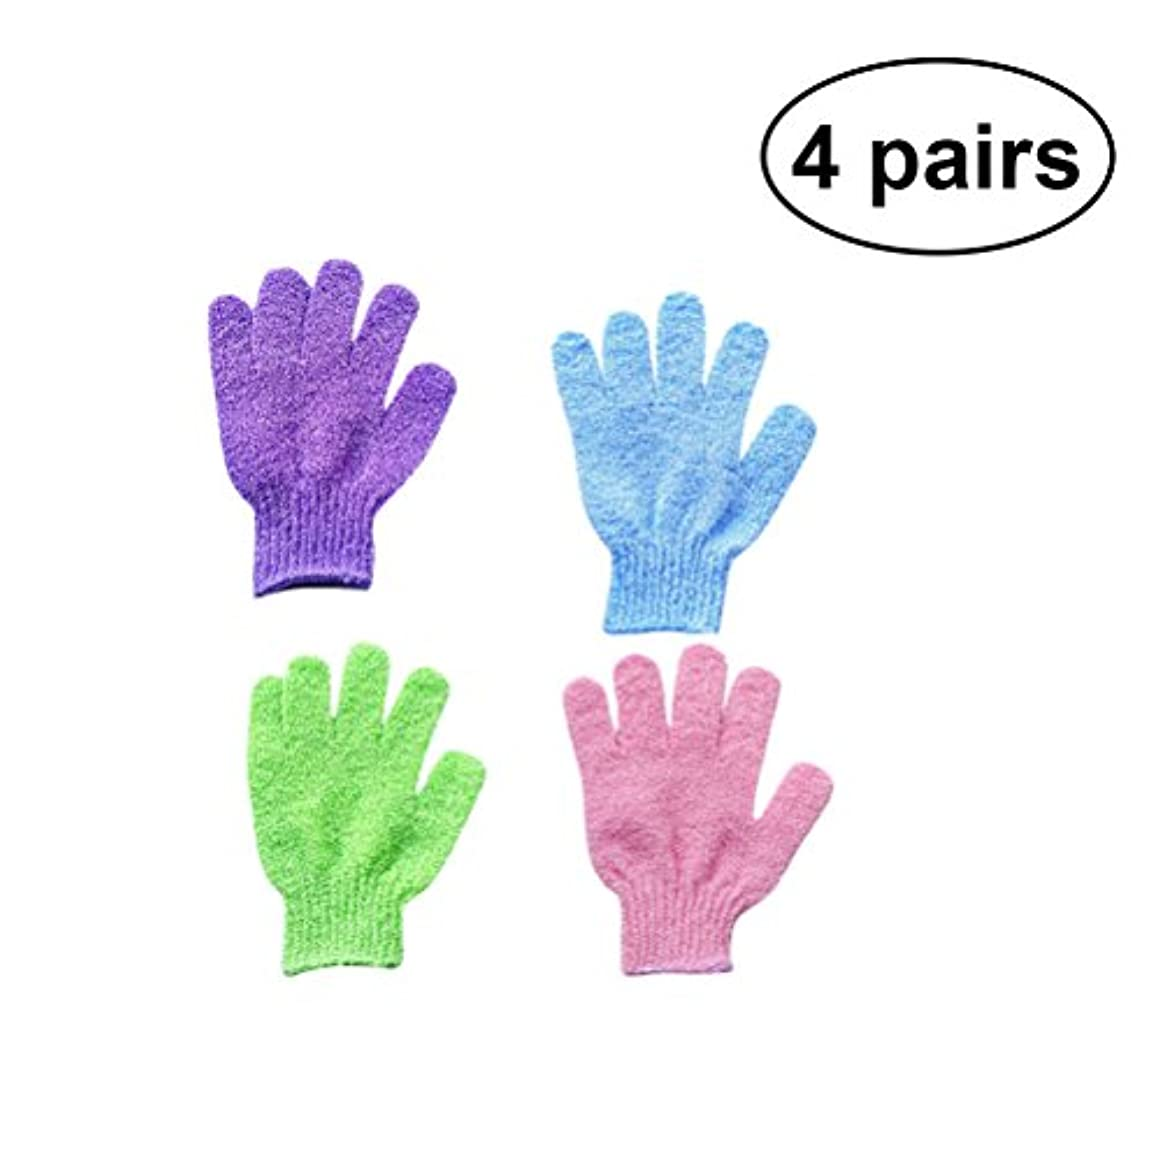 アクティビティ環境ペインギリックHealifty 4 Pairs Exfoliating Bath Gloves Shower Mitts Exfoliating Body Spa Massage Dead Skin Cell Remover